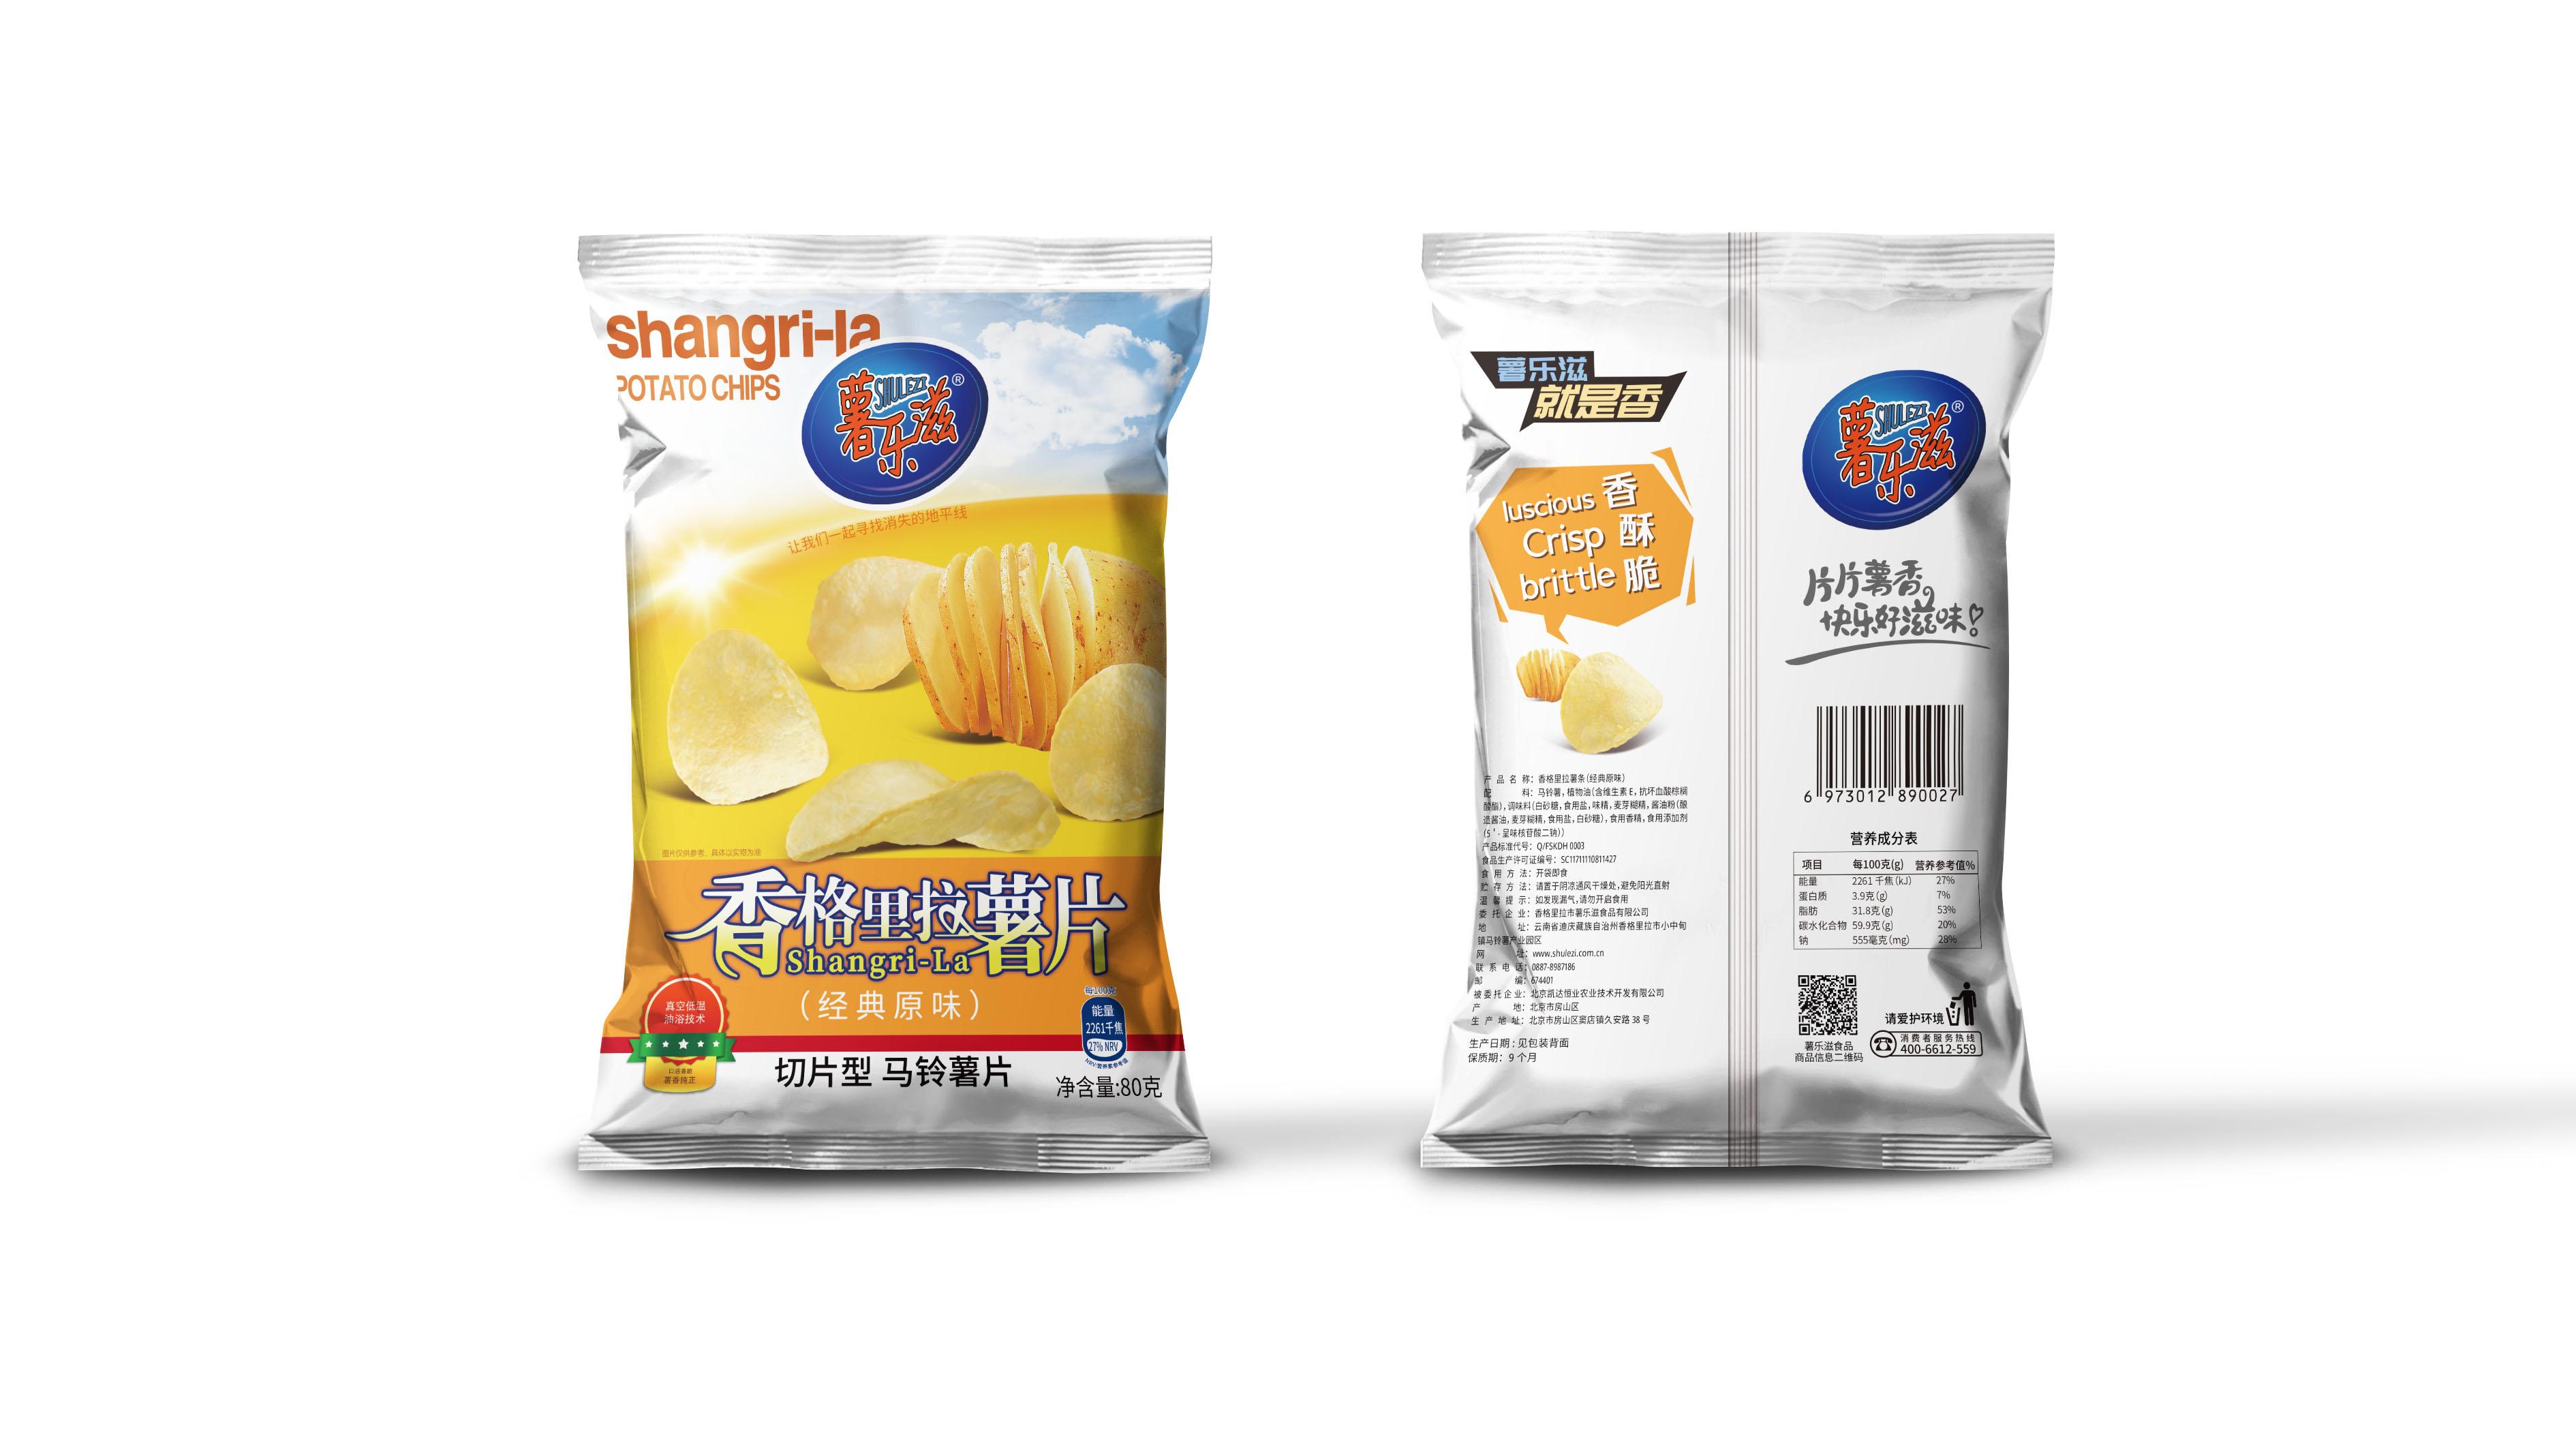 薯樂滋薯片品牌包裝延展